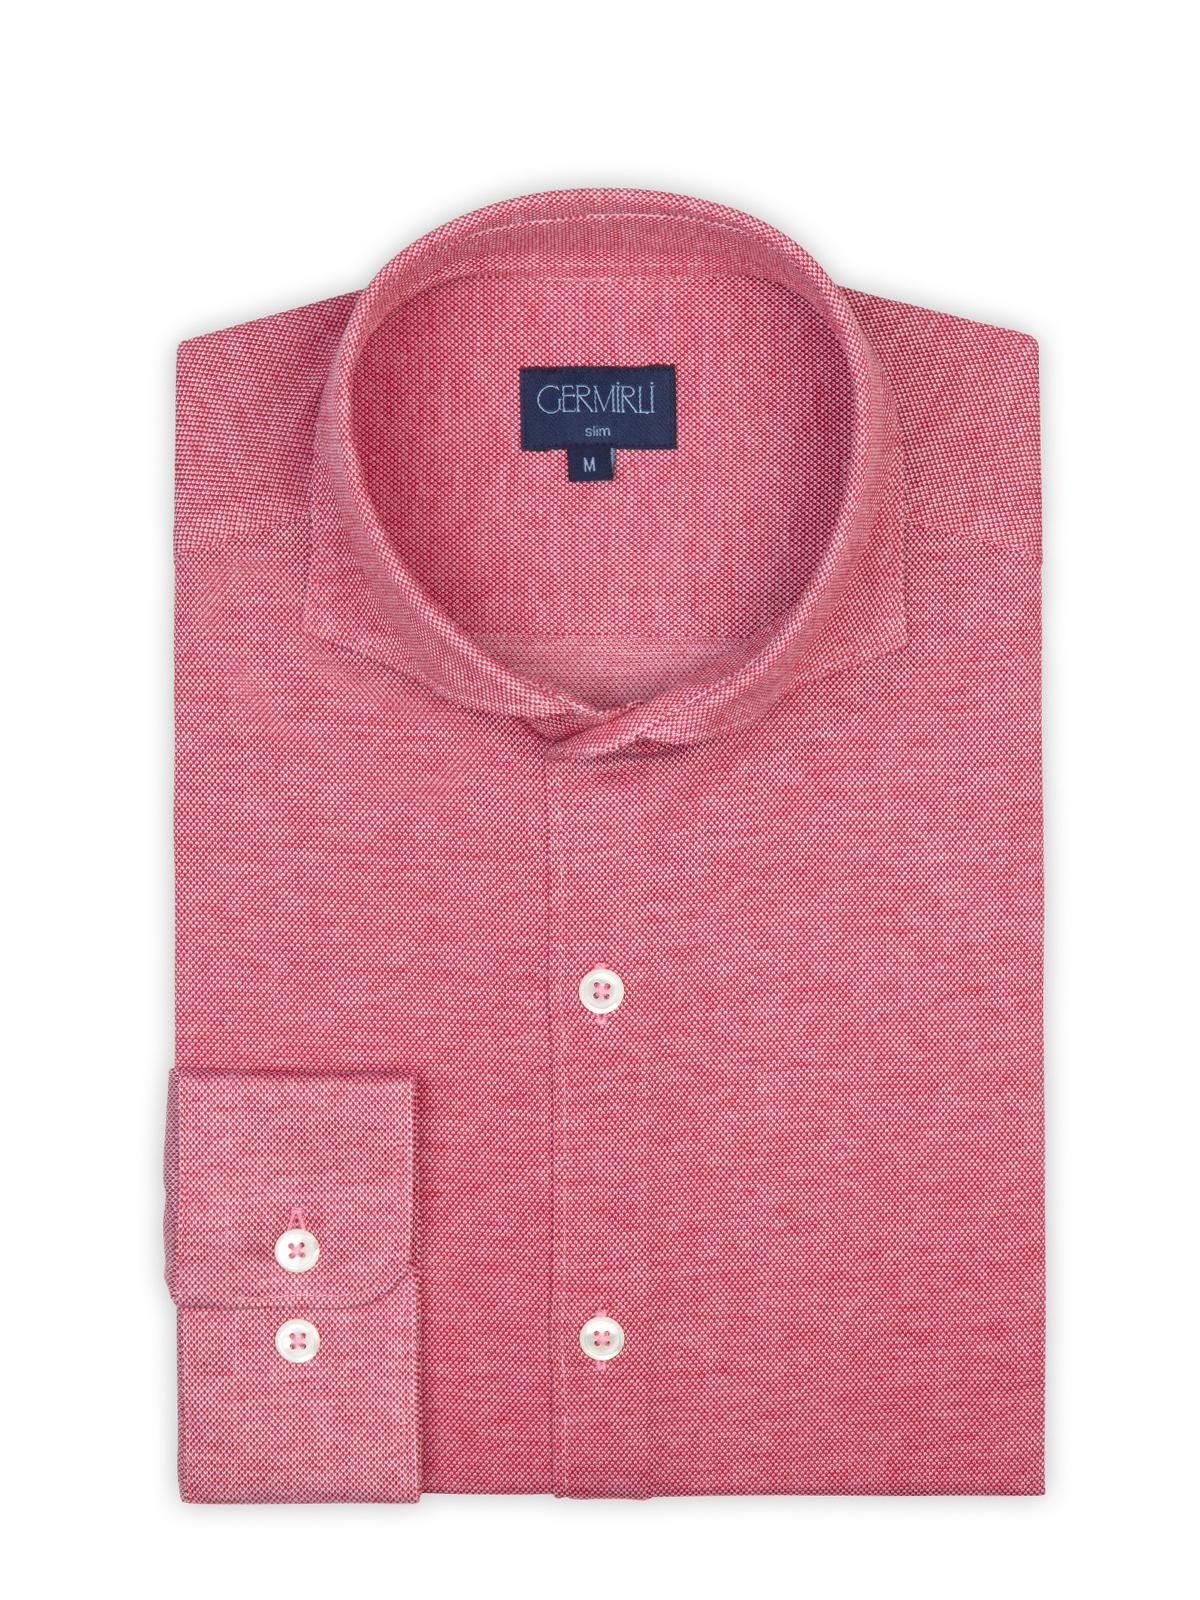 Germirli Mercan Kırmızısı Klasik Yaka Piquet Örme Slim Fit Gömlek